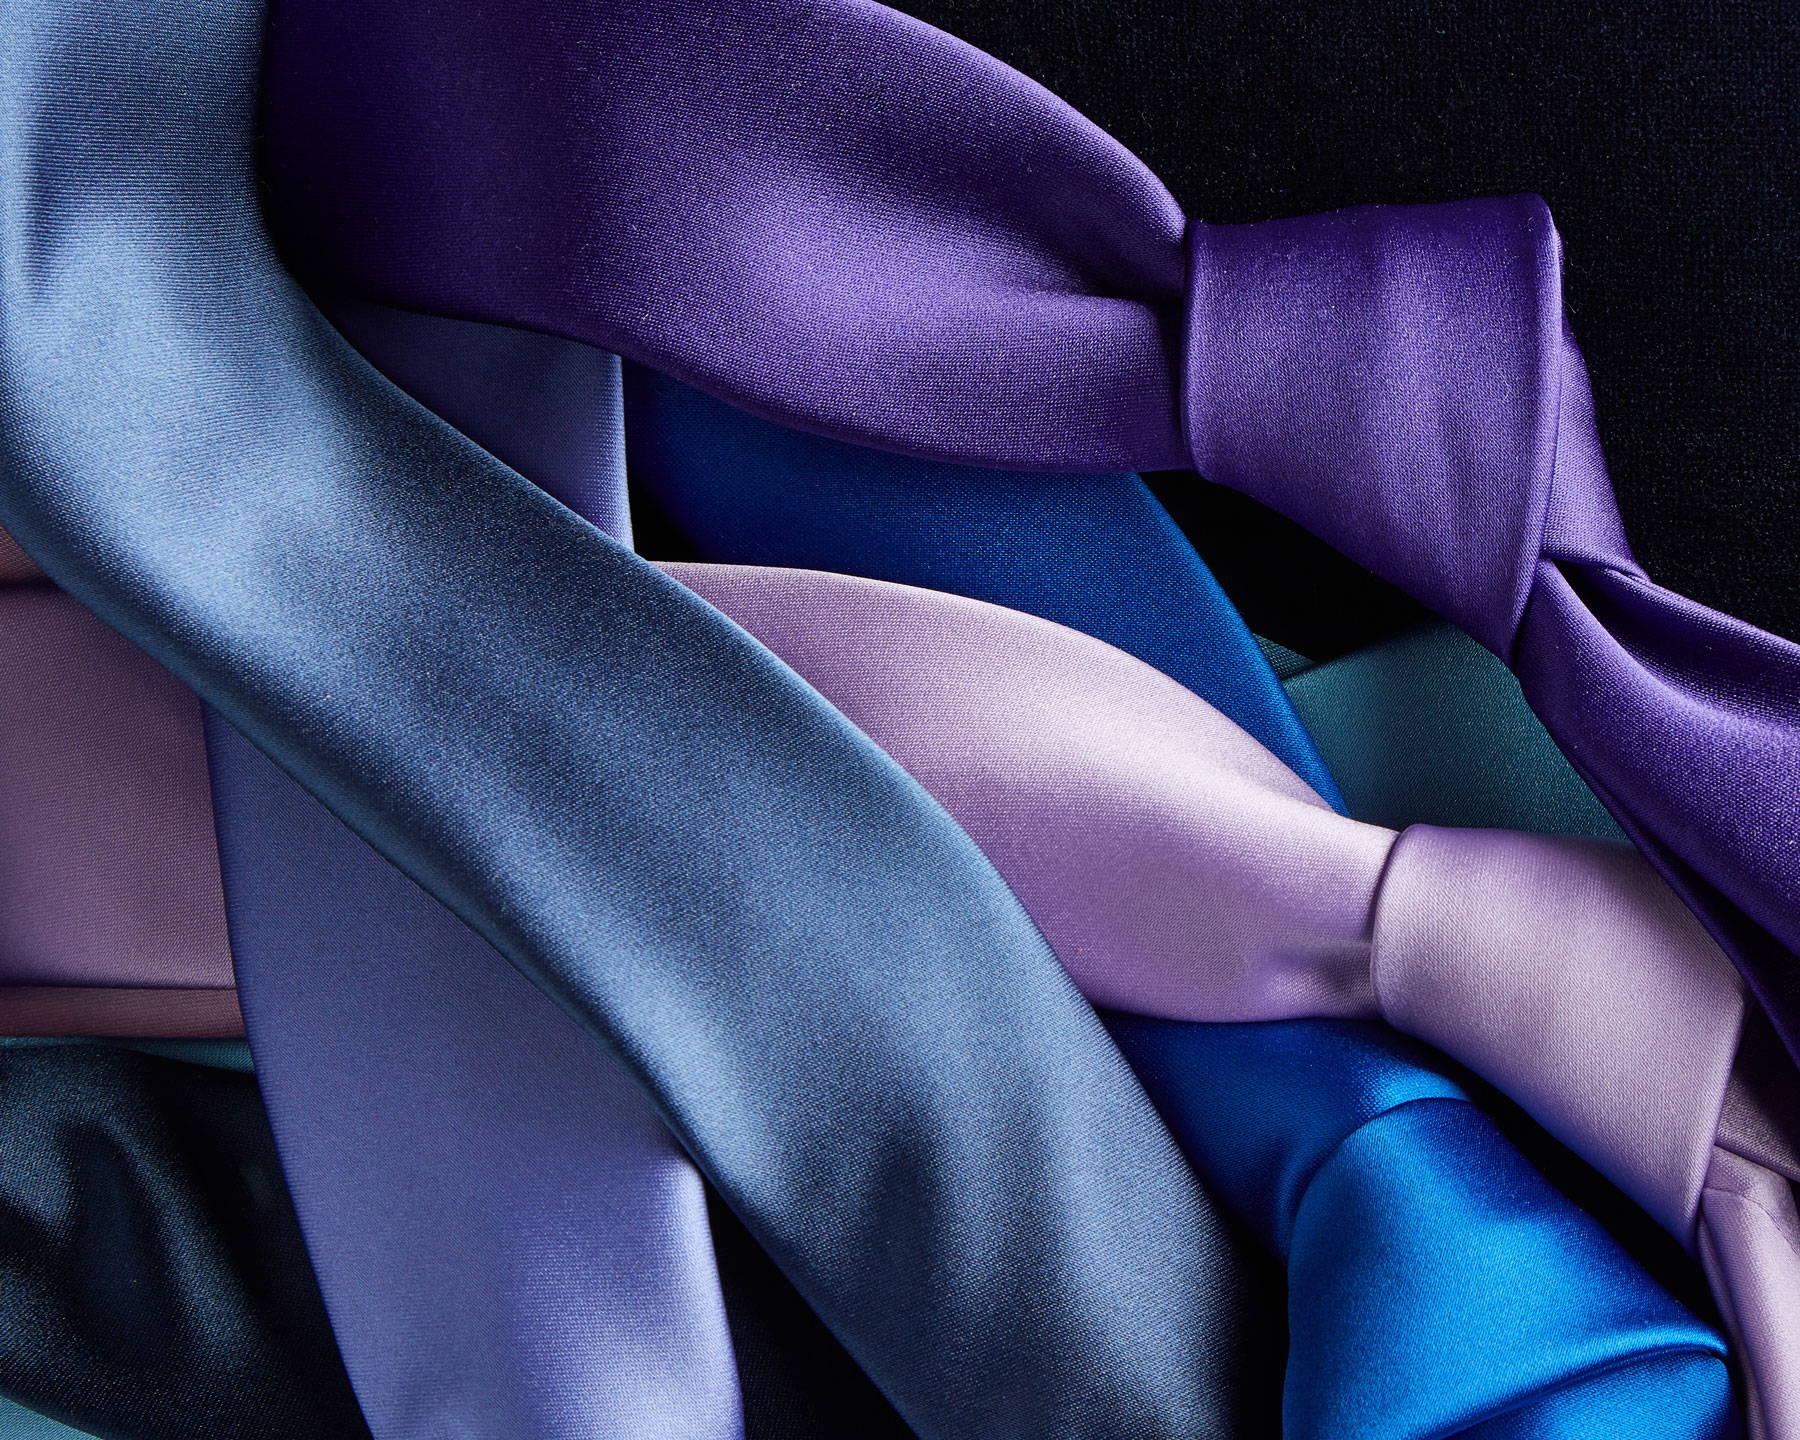 Purple satin ties laid flat